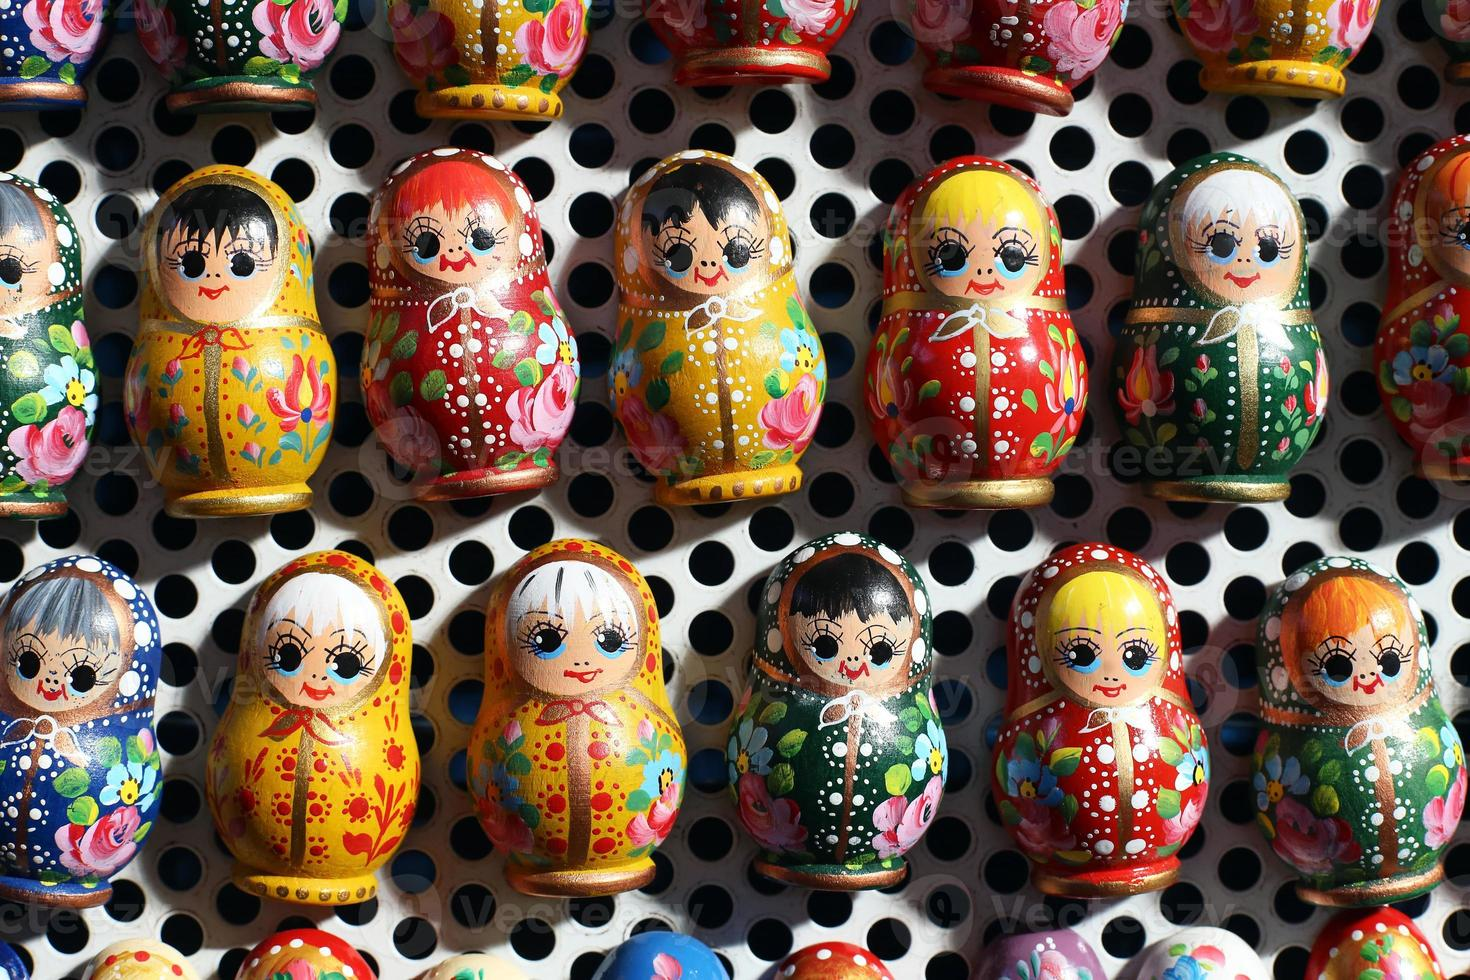 gruppo di bambole russe matreshka come souvenir foto